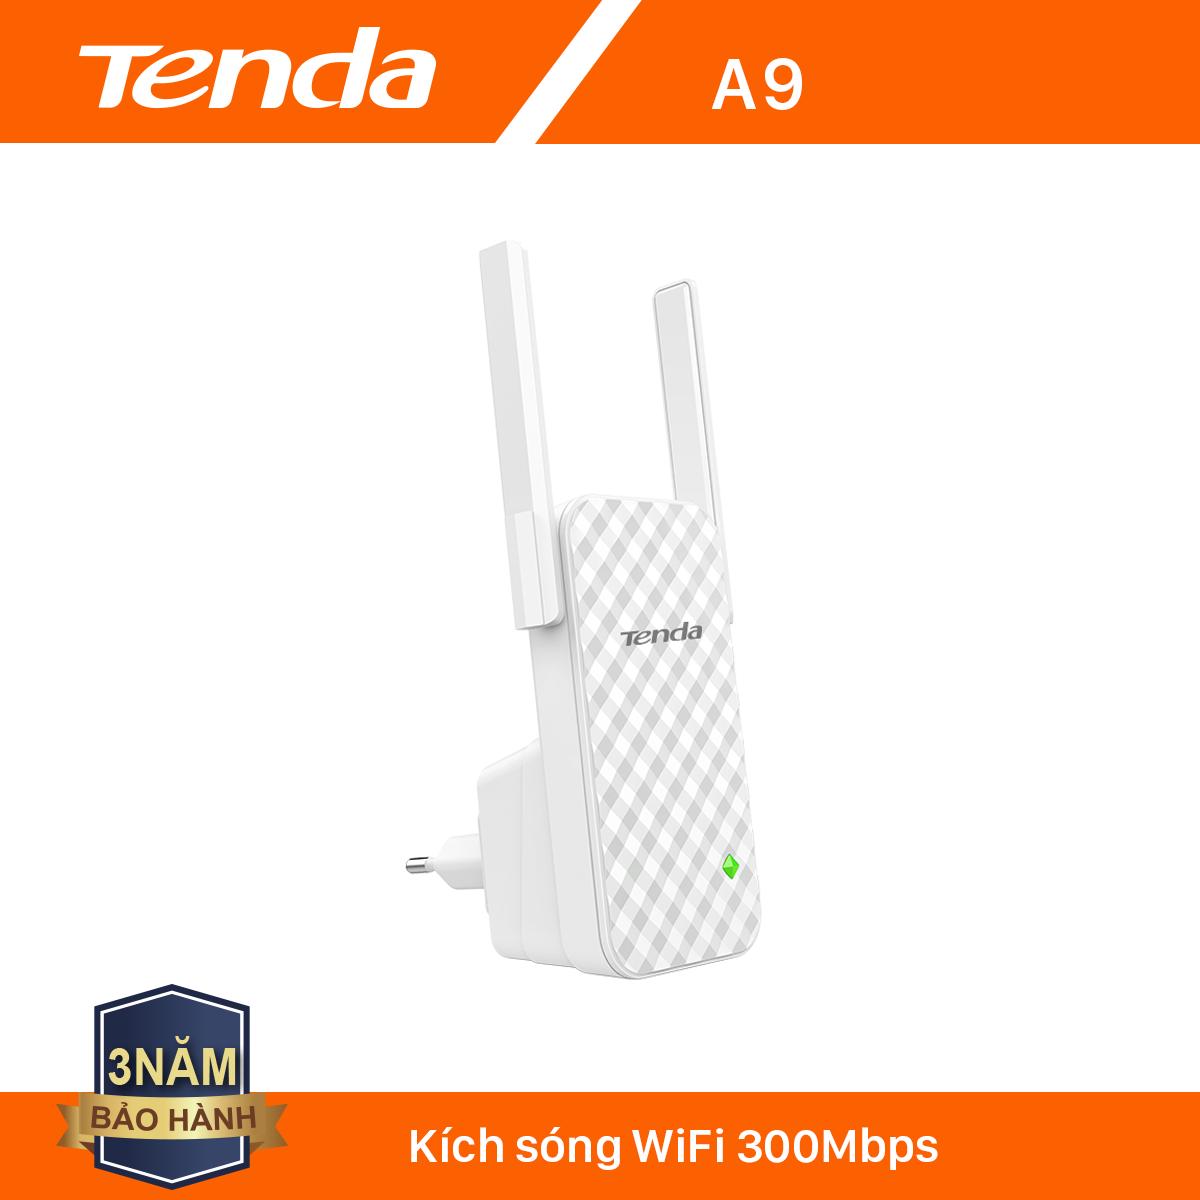 [Nhập ELCLNOV8 giảm thêm 8%] Tenda Bộ kích sóng Wifi A9 Chuẩn N 300Mbps – Hãng phân phối chính thức